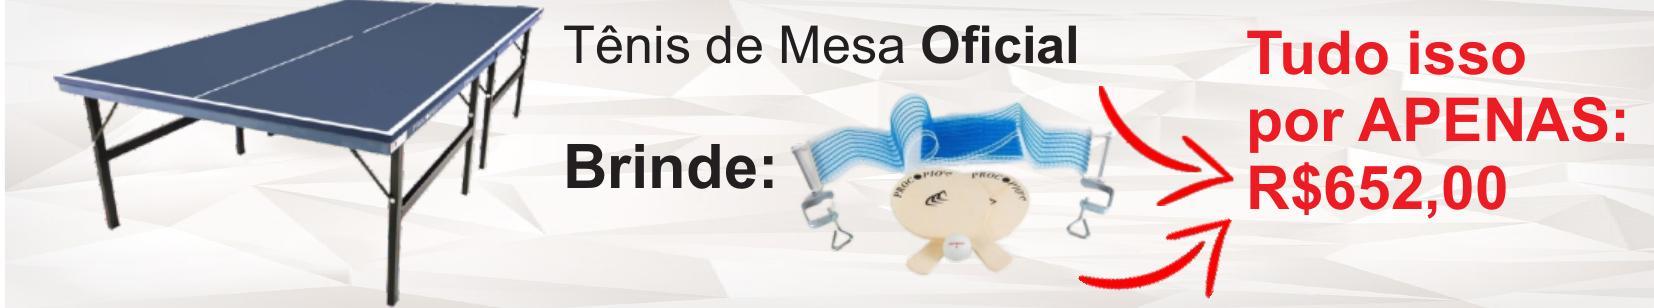 TENIS DE MESA KIT PROCOPIO PC